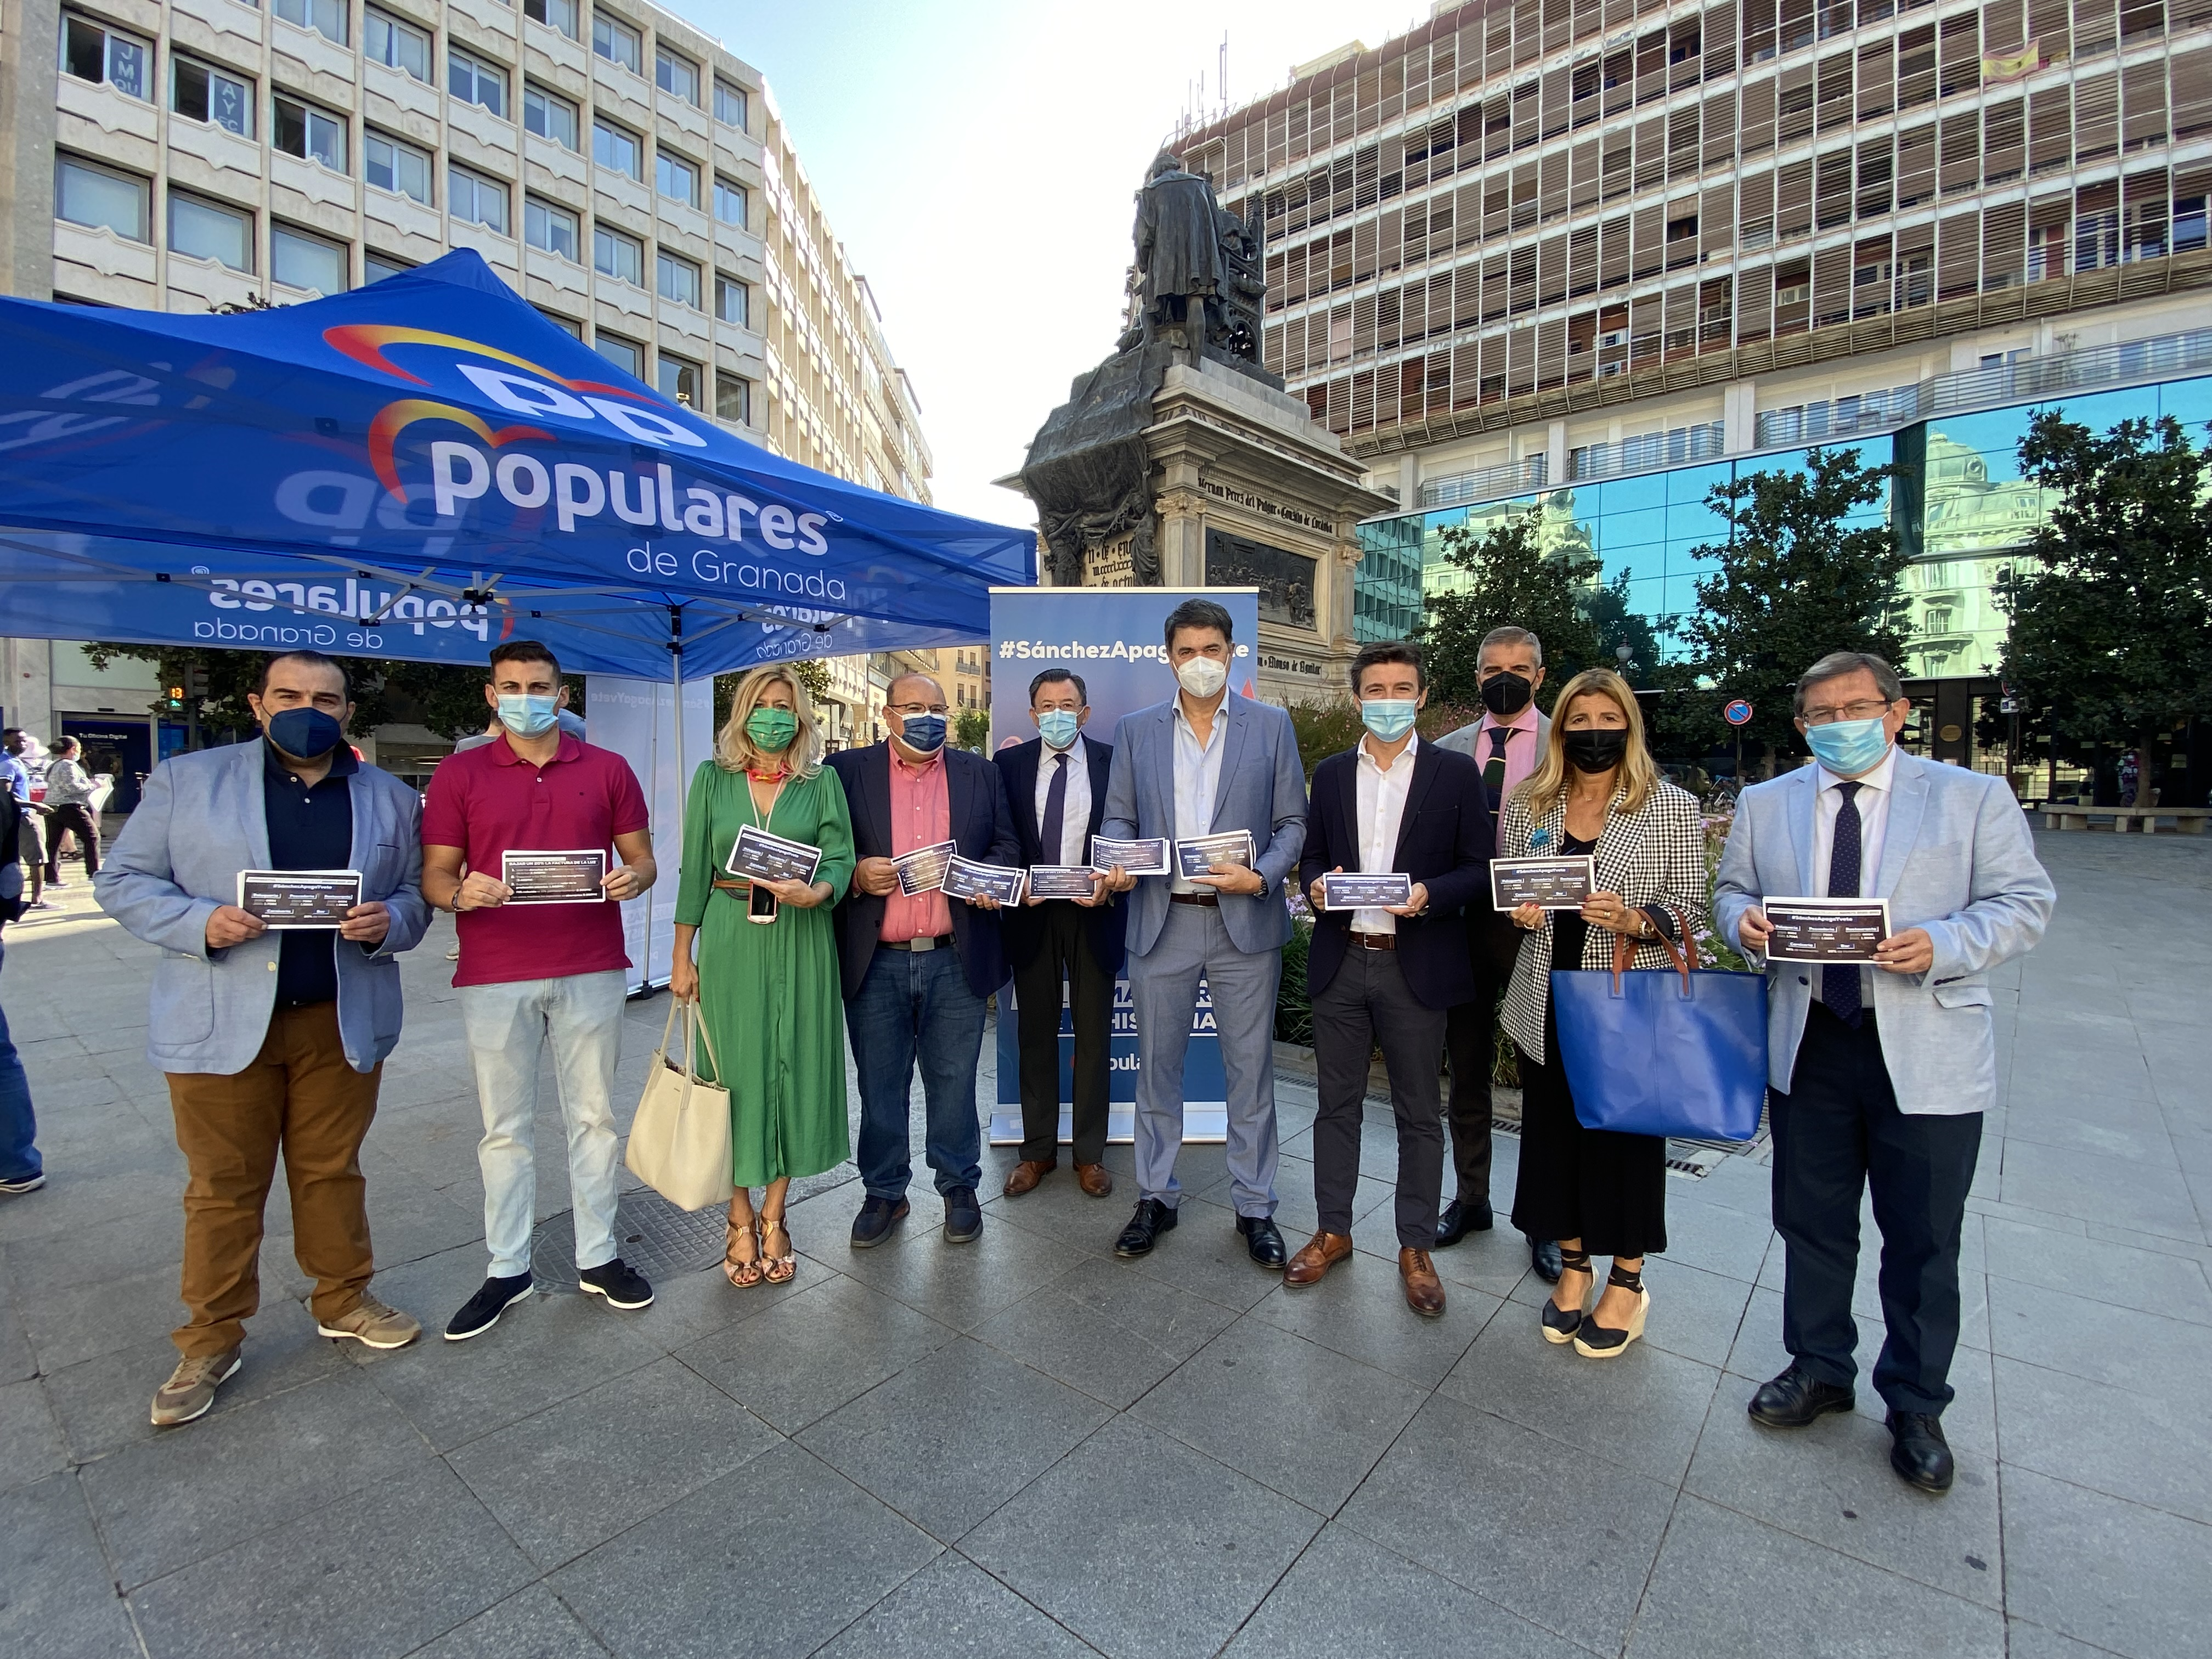 El PP critica la incompetencia de Sánchez para hacer frente a la subida de la luz y le insta a poner en práctica las medidas propuestas por Casado